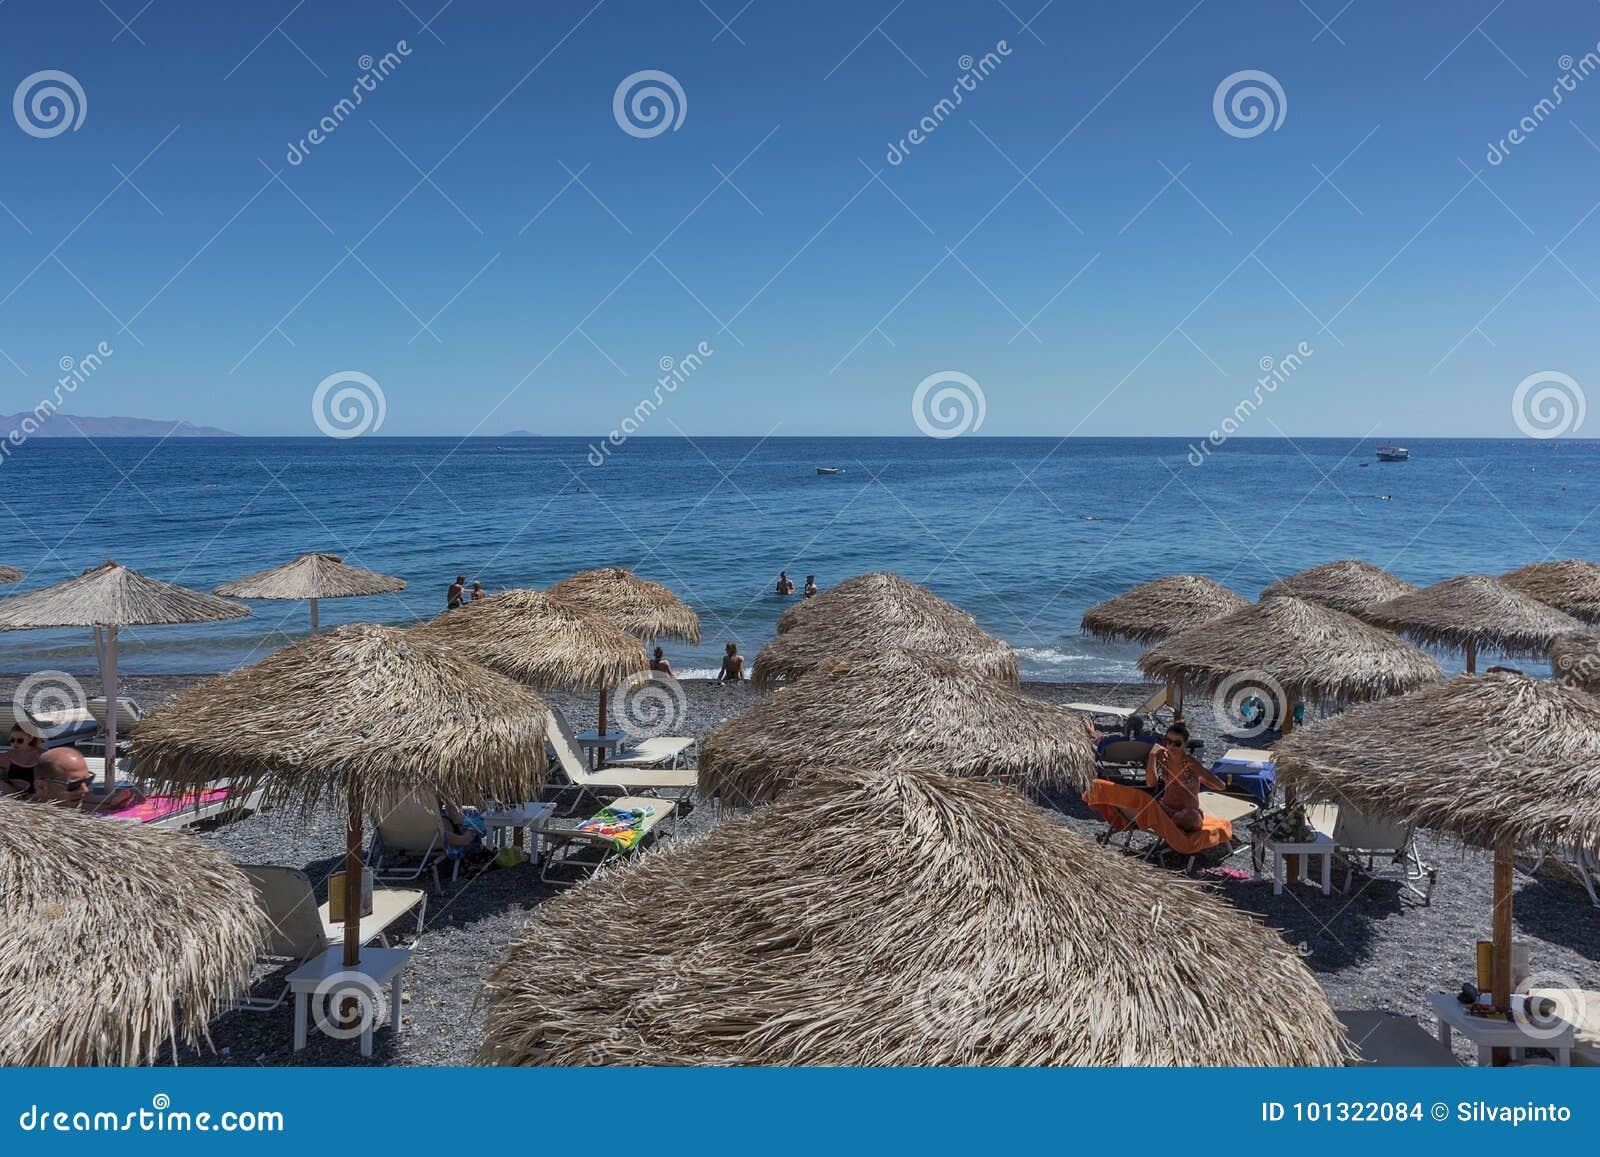 SANTORINI/GREECE 5 septembre - plage de Kamari dans Santorini, Grèce sant